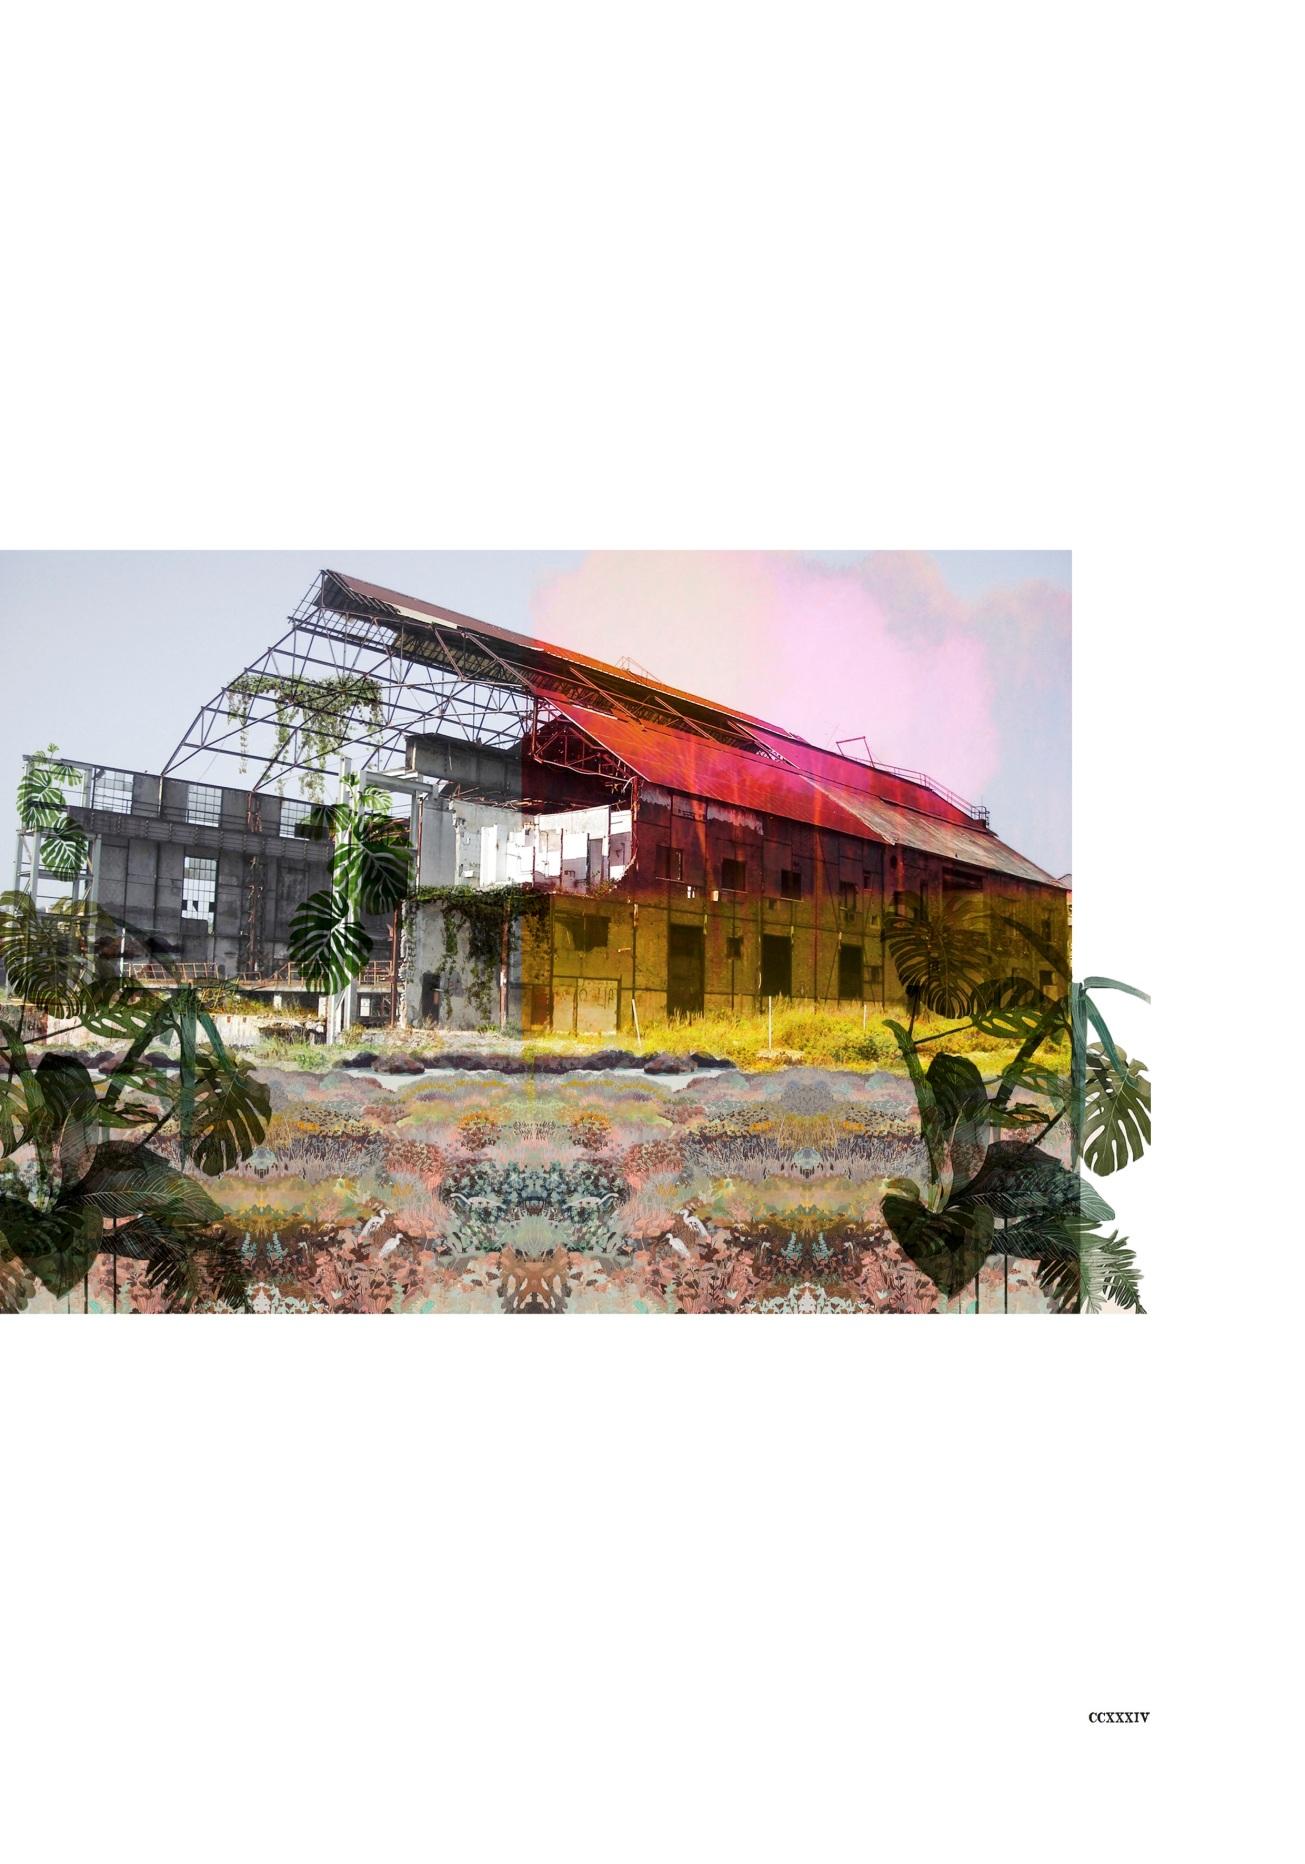 7_revival-industrial-architecture-fabrizia-mattiello-2016-master-thesis-politecnico-di-milano